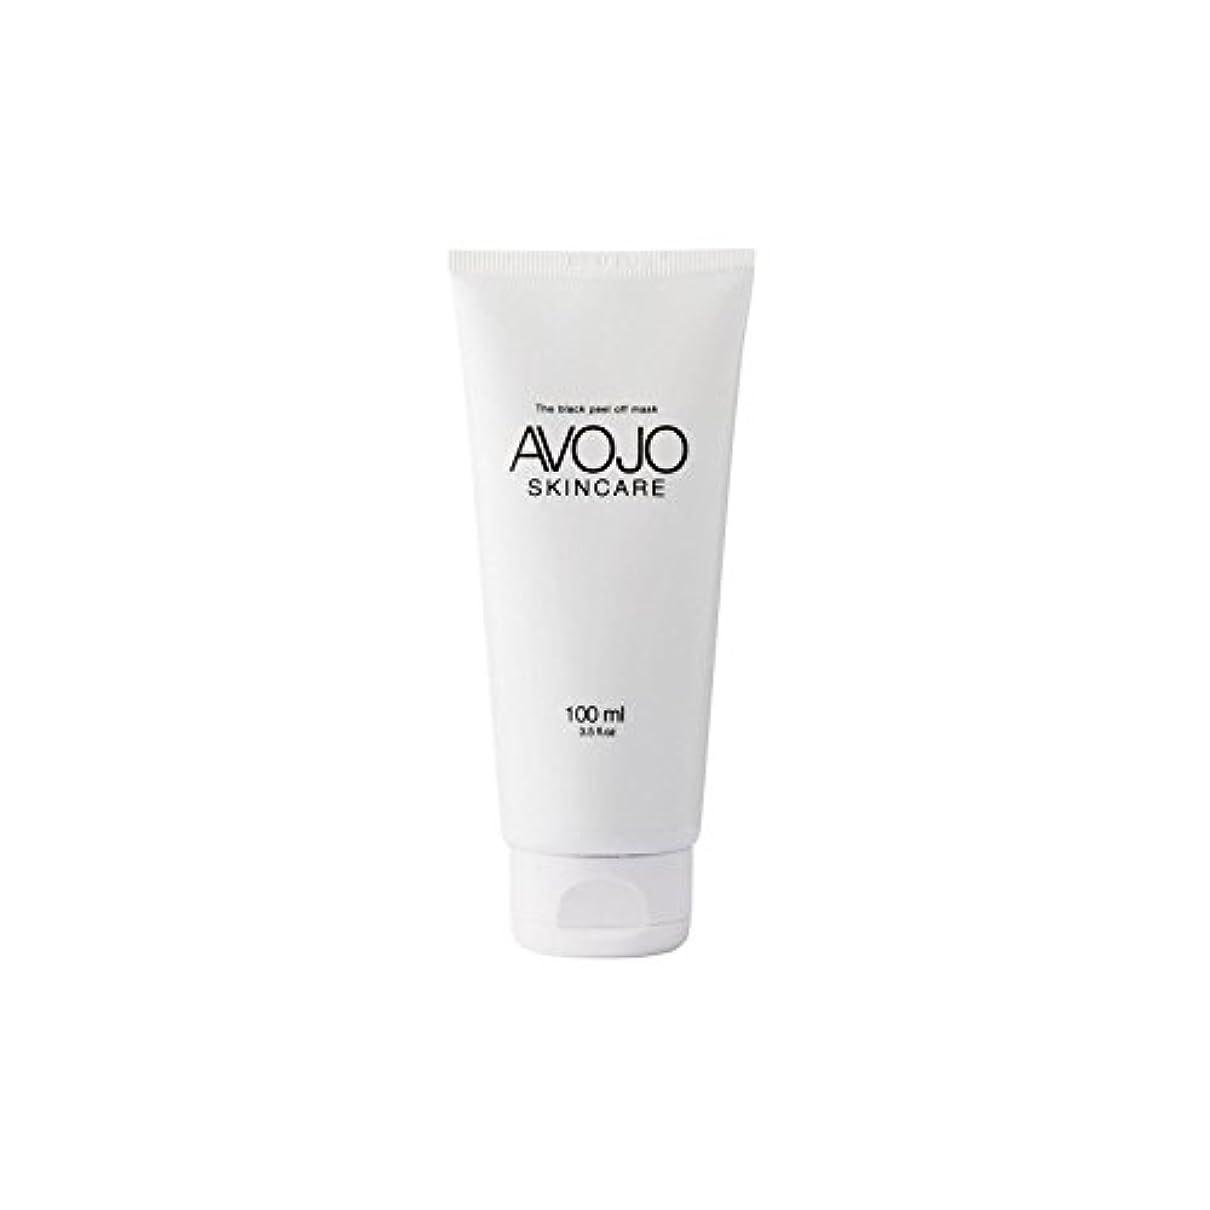 変える蛇行きらきら- 黒皮オフマスク - (ボトル100ミリリットル) x2 - Avojo - The Black Peel Off Mask - (Bottle 100ml) (Pack of 2) [並行輸入品]